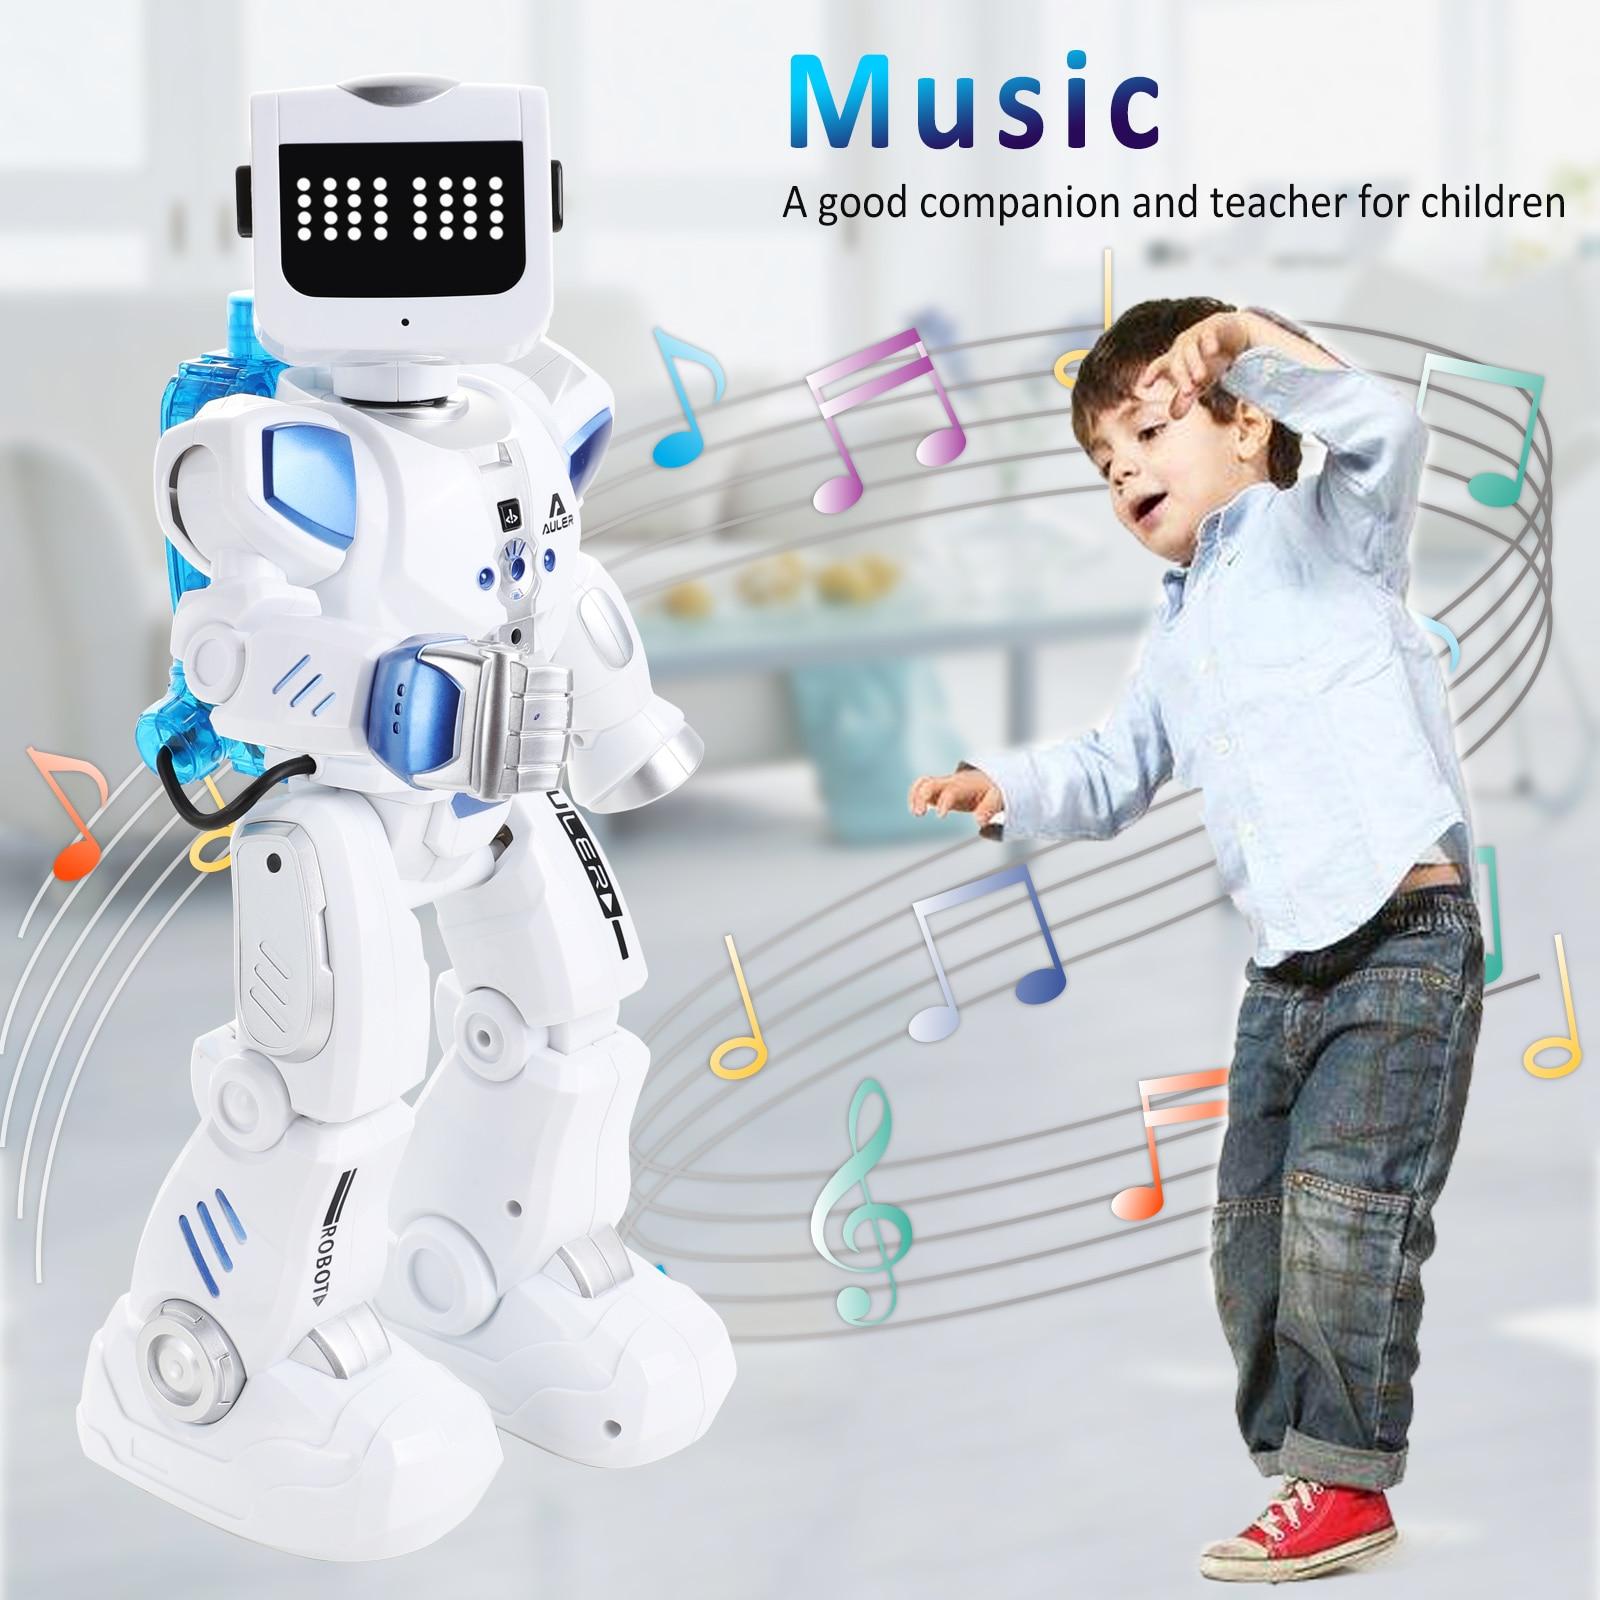 K3 робот умный Интеллектуальный Альфа робот RC/управление звуком пение танцы гидроэлектрический Гибридный Интеллектуальный робот